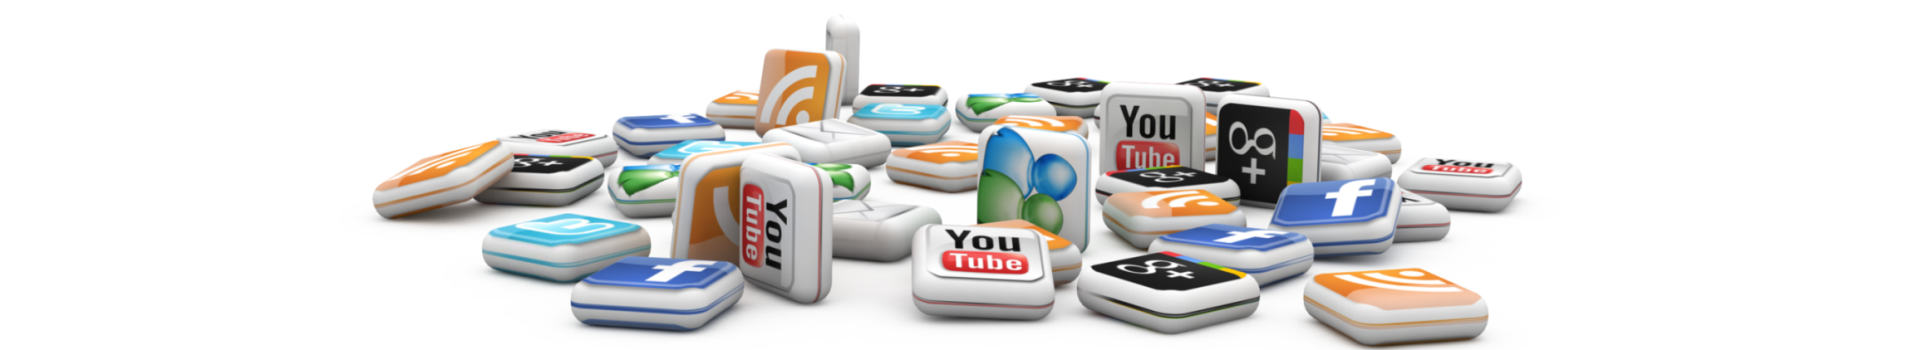 honlapkészítés pécs, keresőotpimalizálás pécs, weblapkészítés pécs, weboldalkészítés pécs, online marketing